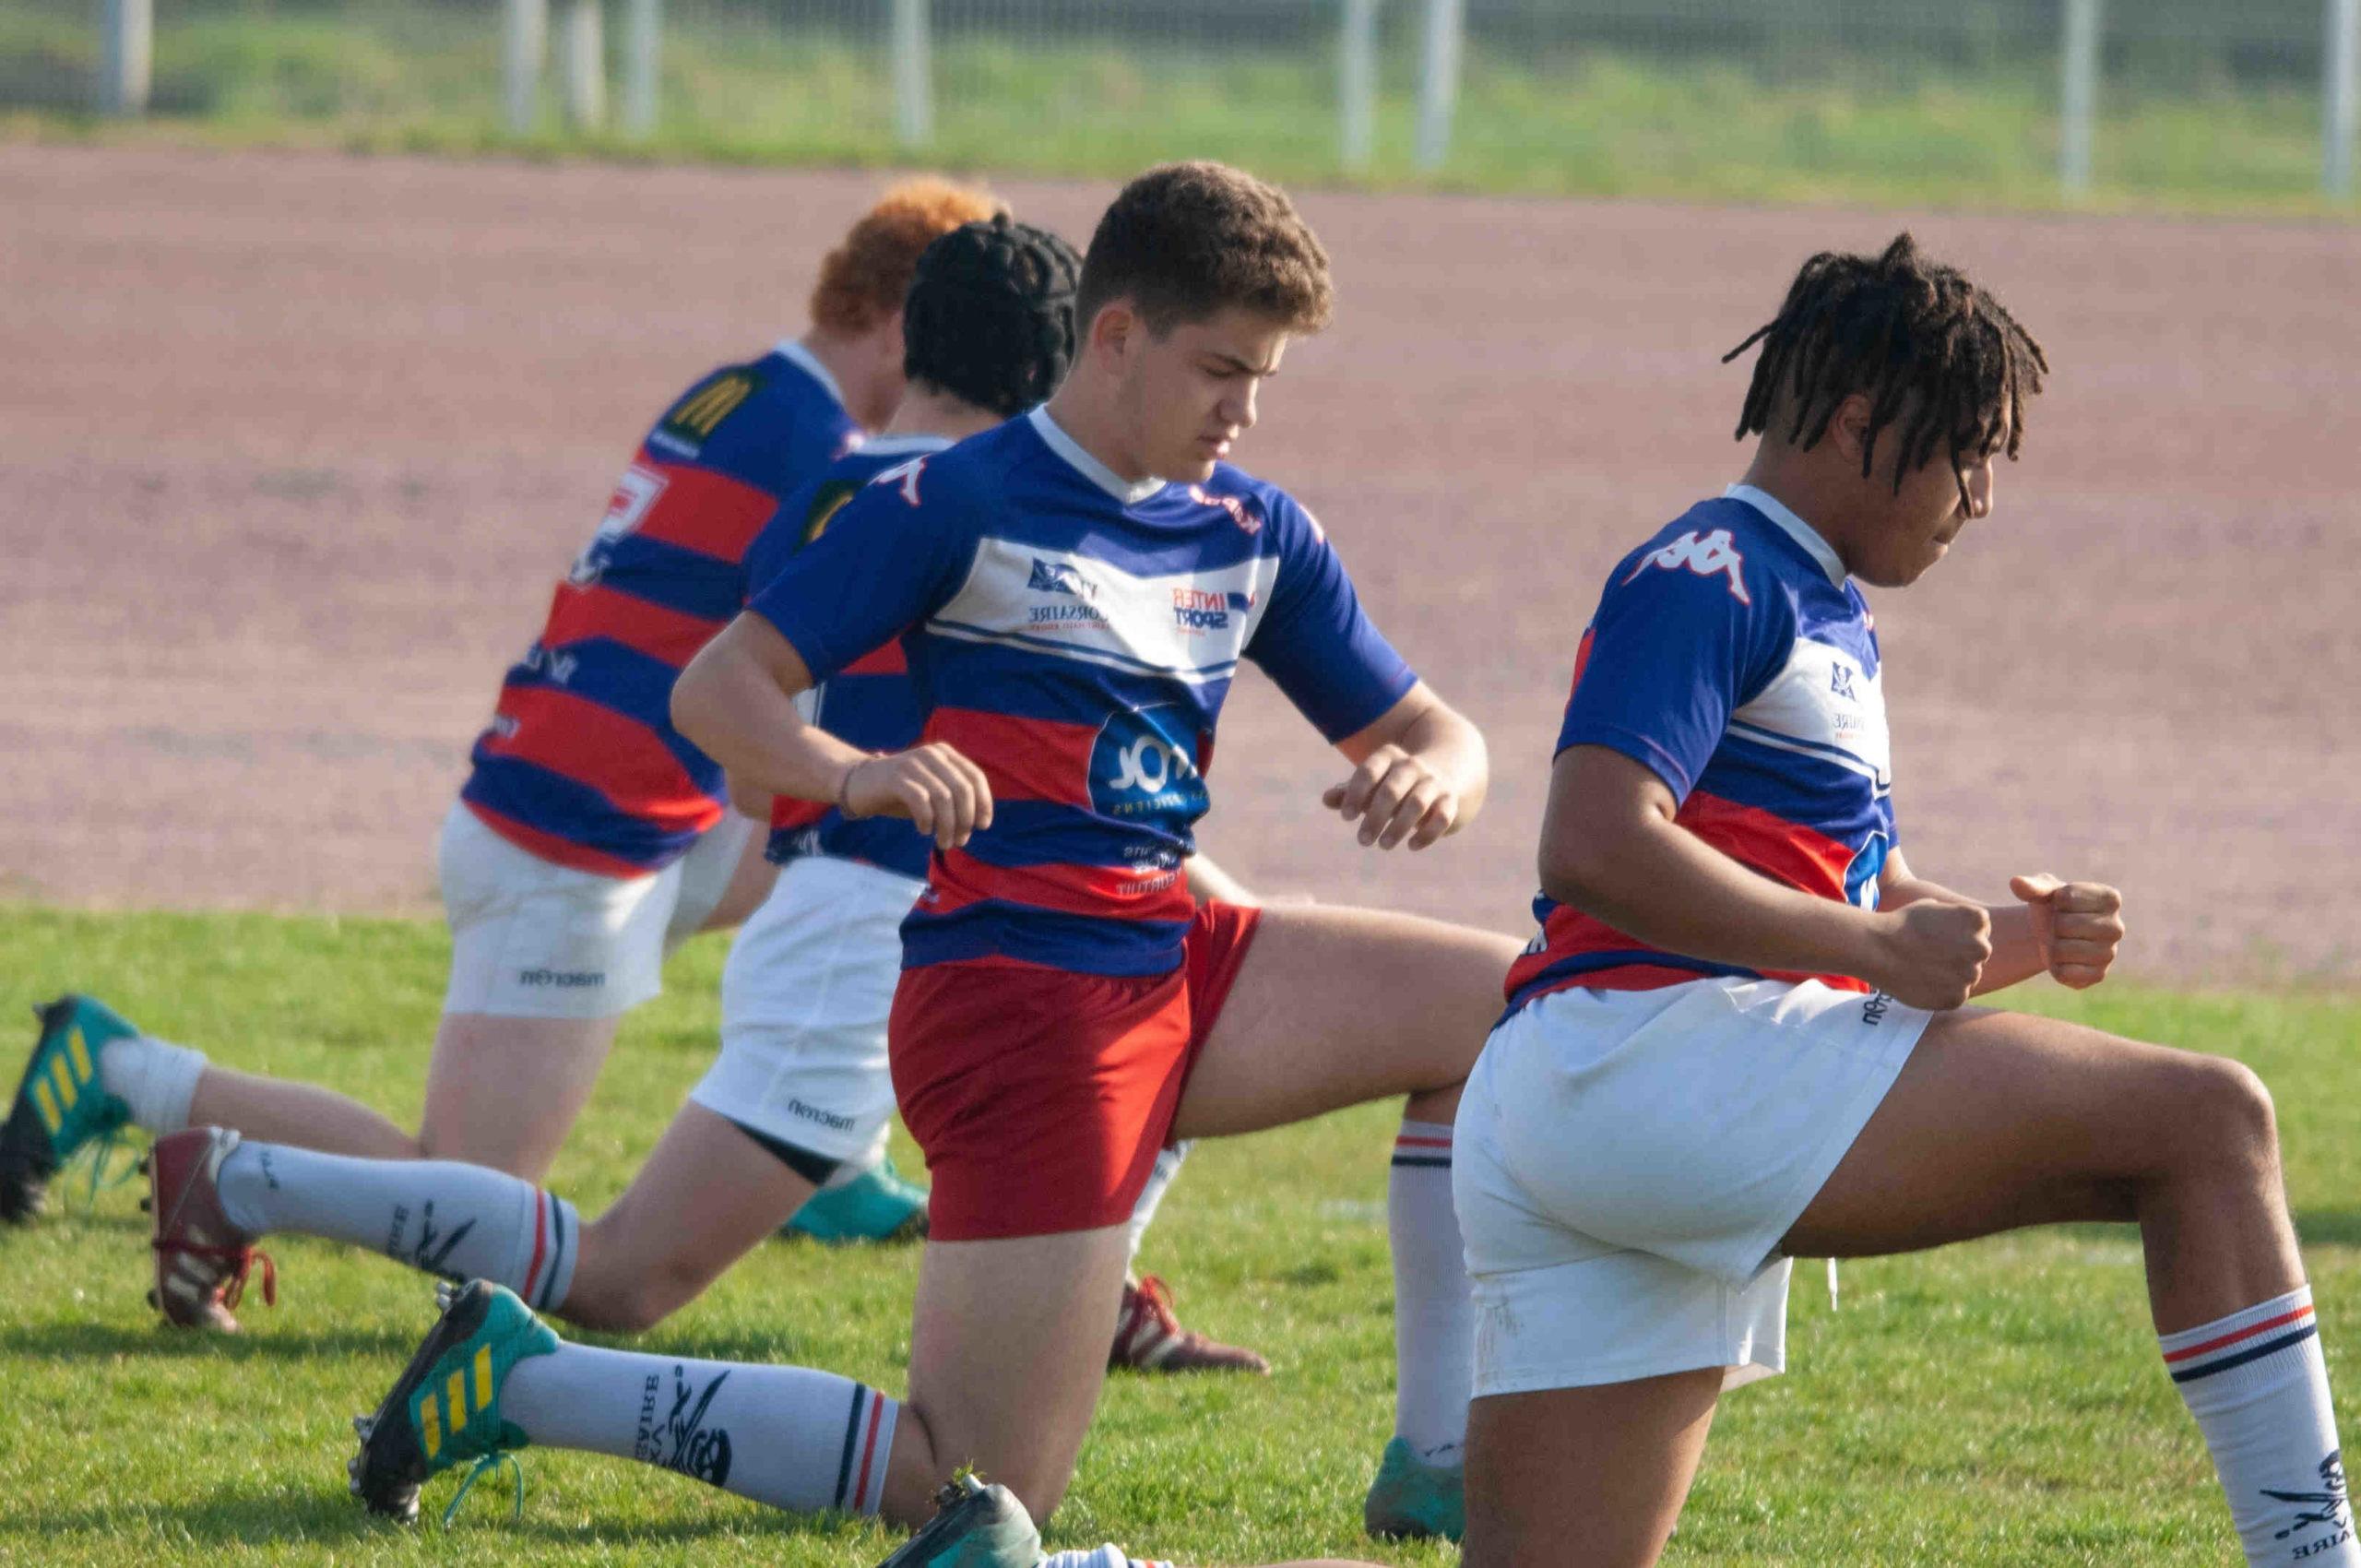 INTERNATIONAL - Les Ligues fermées ont été des réussites en rugby, dans l'Hémisphère Sud et dans les pays celtes. Explications.